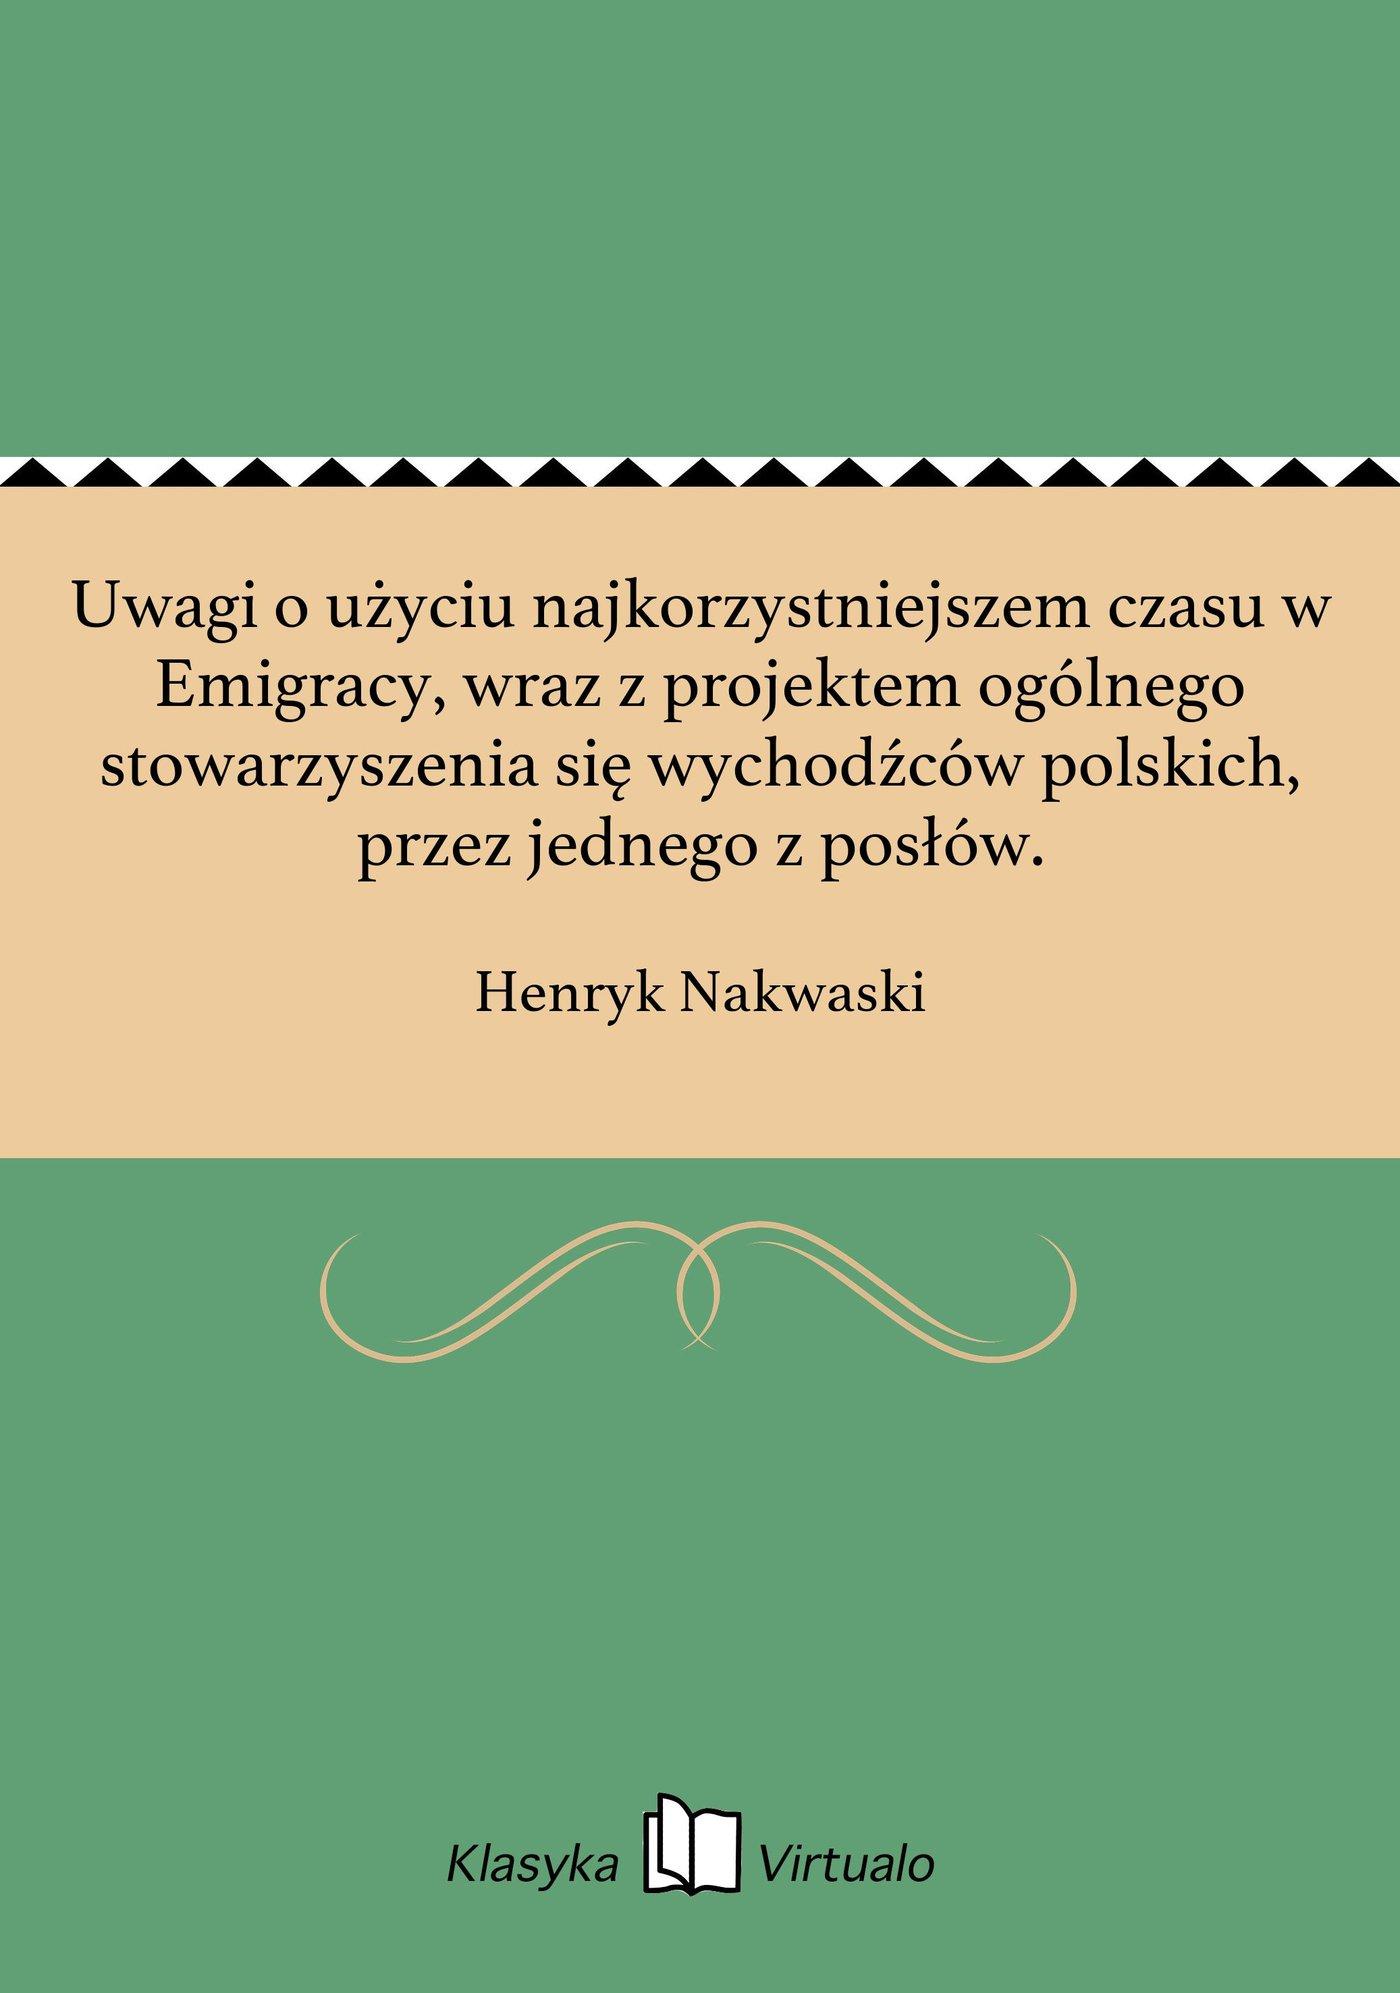 Uwagi o użyciu najkorzystniejszem czasu w Emigracy, wraz z projektem ogólnego stowarzyszenia się wychodźców polskich, przez jednego z posłów. - Ebook (Książka EPUB) do pobrania w formacie EPUB